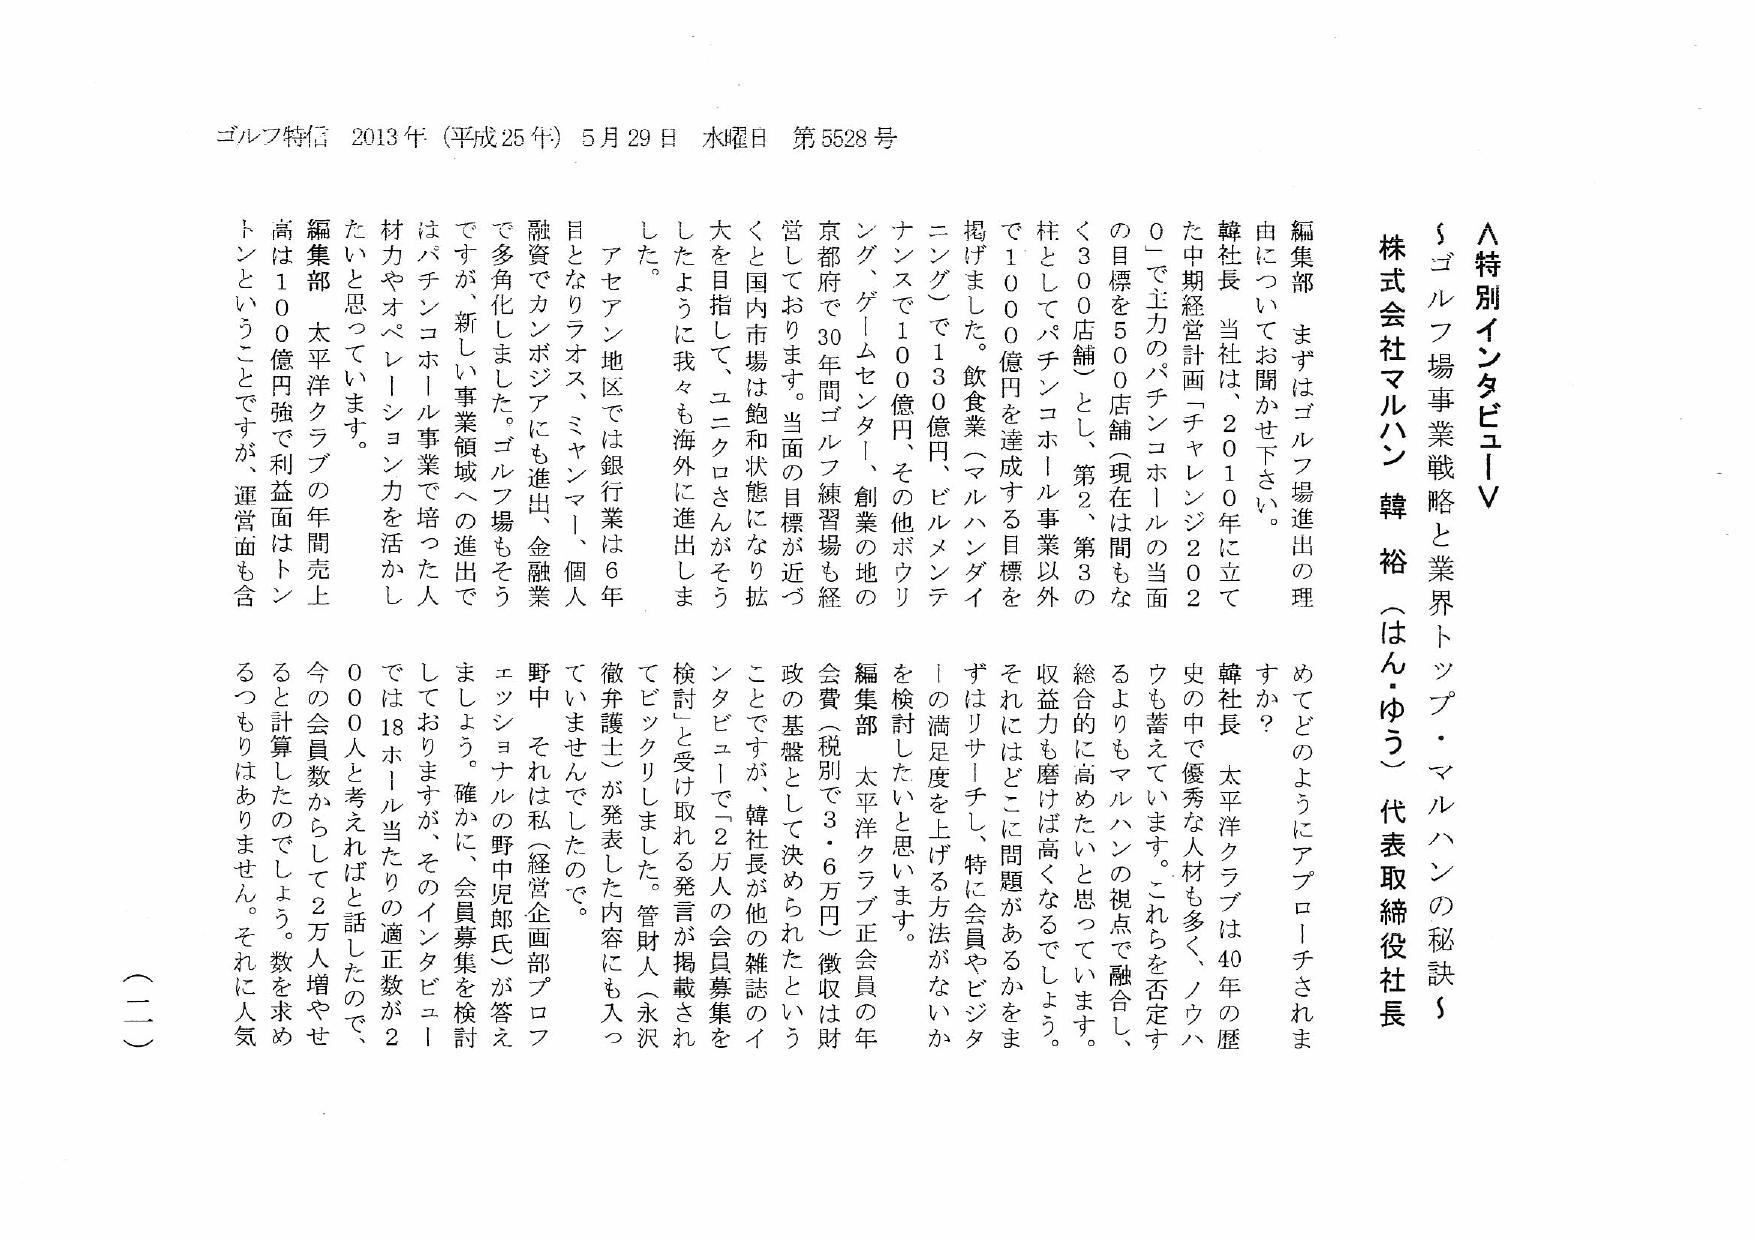 GTokushin_130529-1.jpg